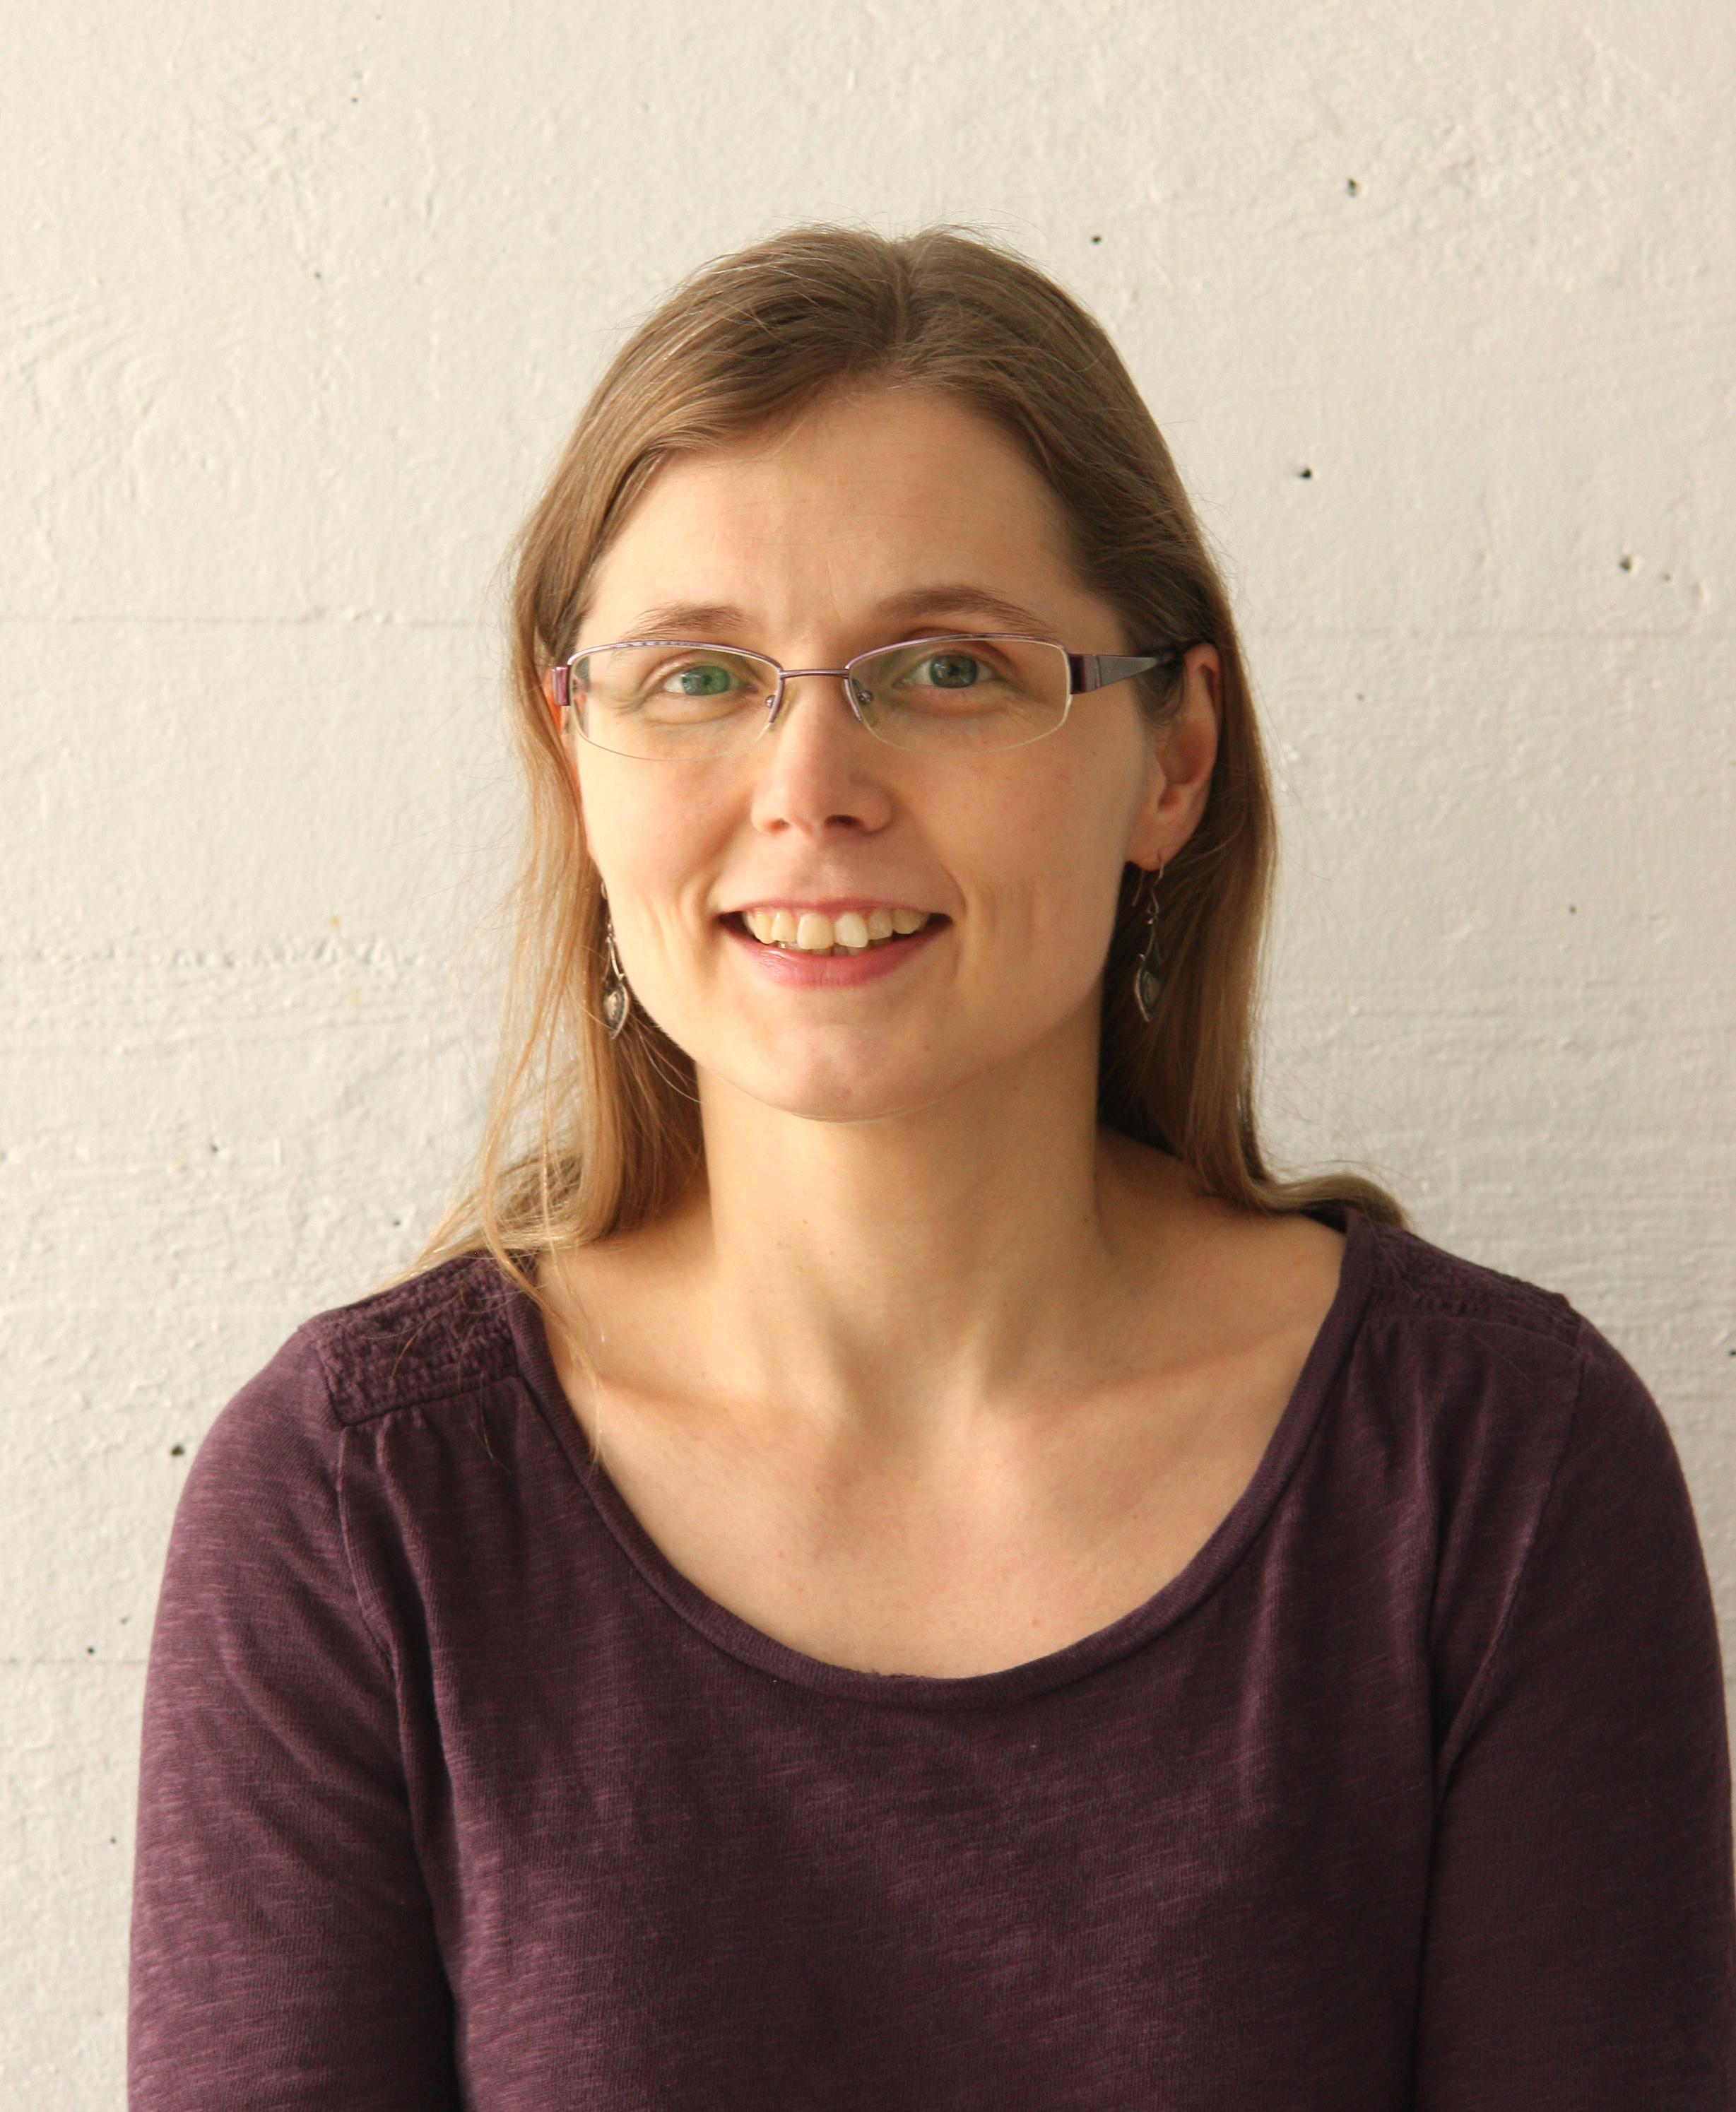 Susanna Kariluoto